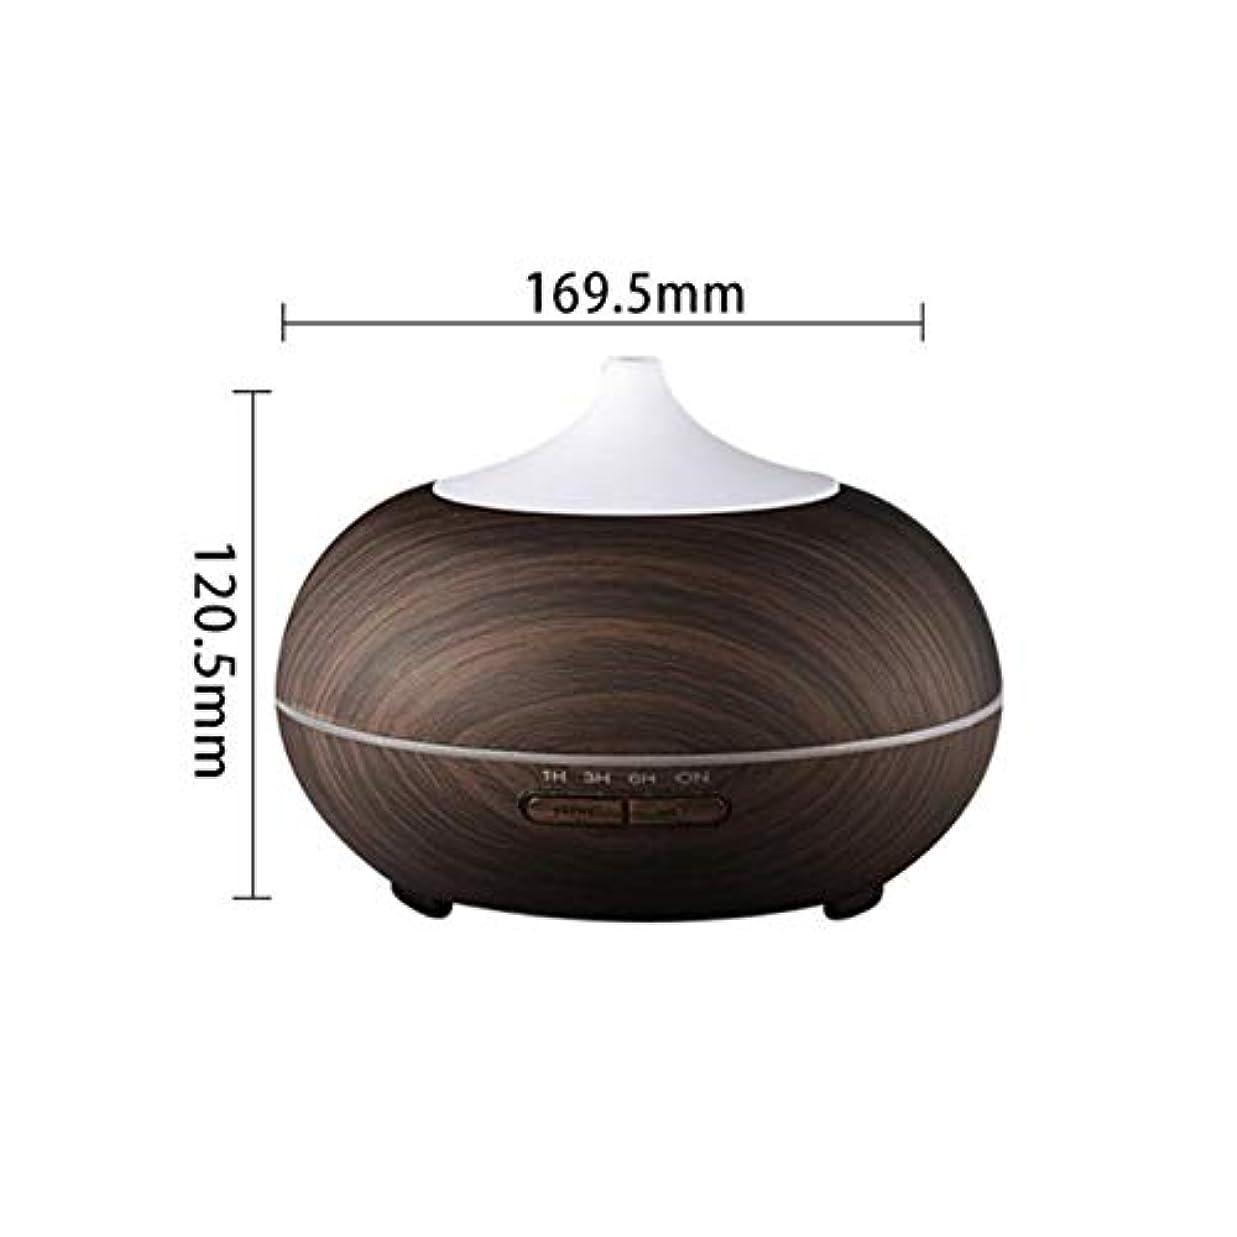 製油所給料不合格木目 涼しい霧 加湿器,7 色 空気を浄化 加湿機 時間 手動 Wifiアプリコントロール 精油 ディフューザー アロマネブライザー Yoga- 300ml